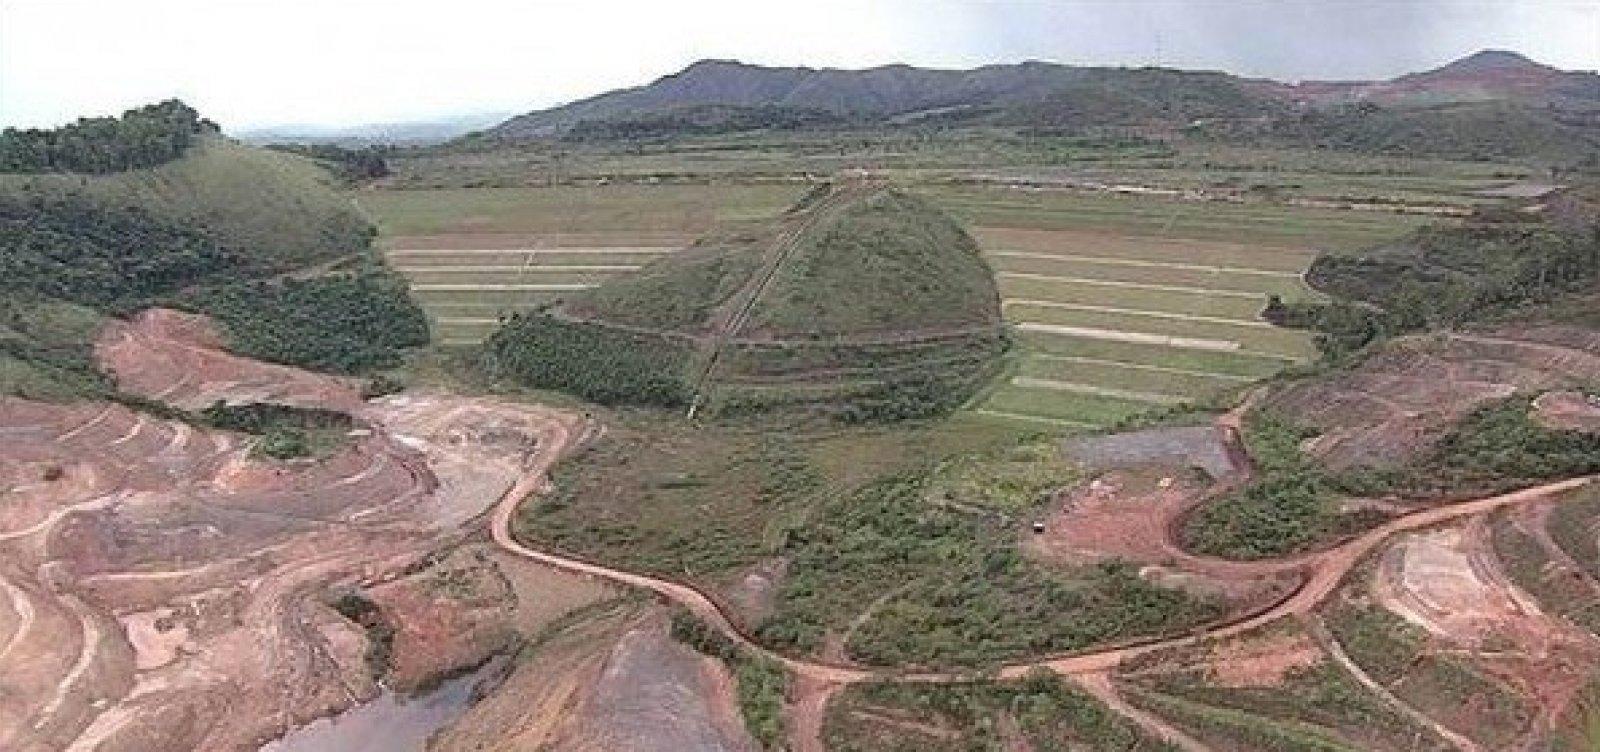 [Vale aciona protocolo de emergência em barragem de Ouro Preto]